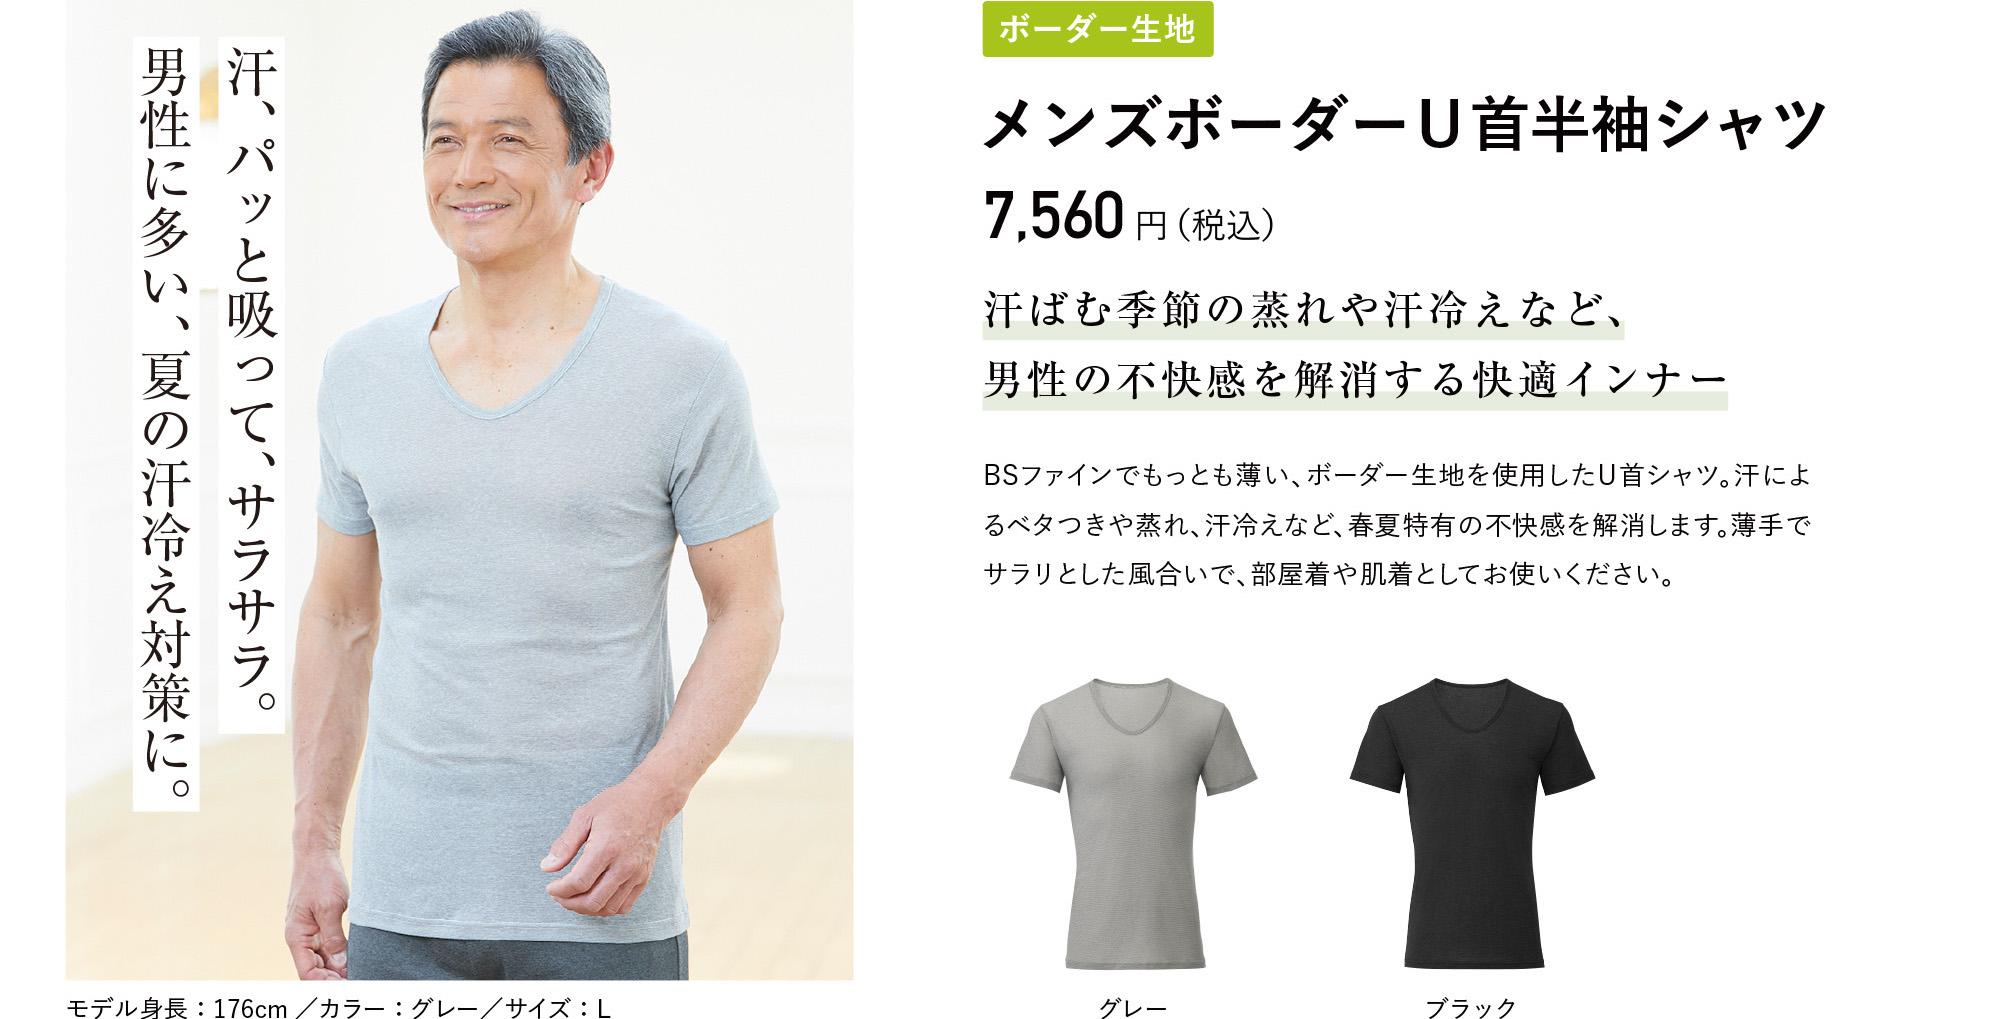 メンズボーダーU首半袖シャツ